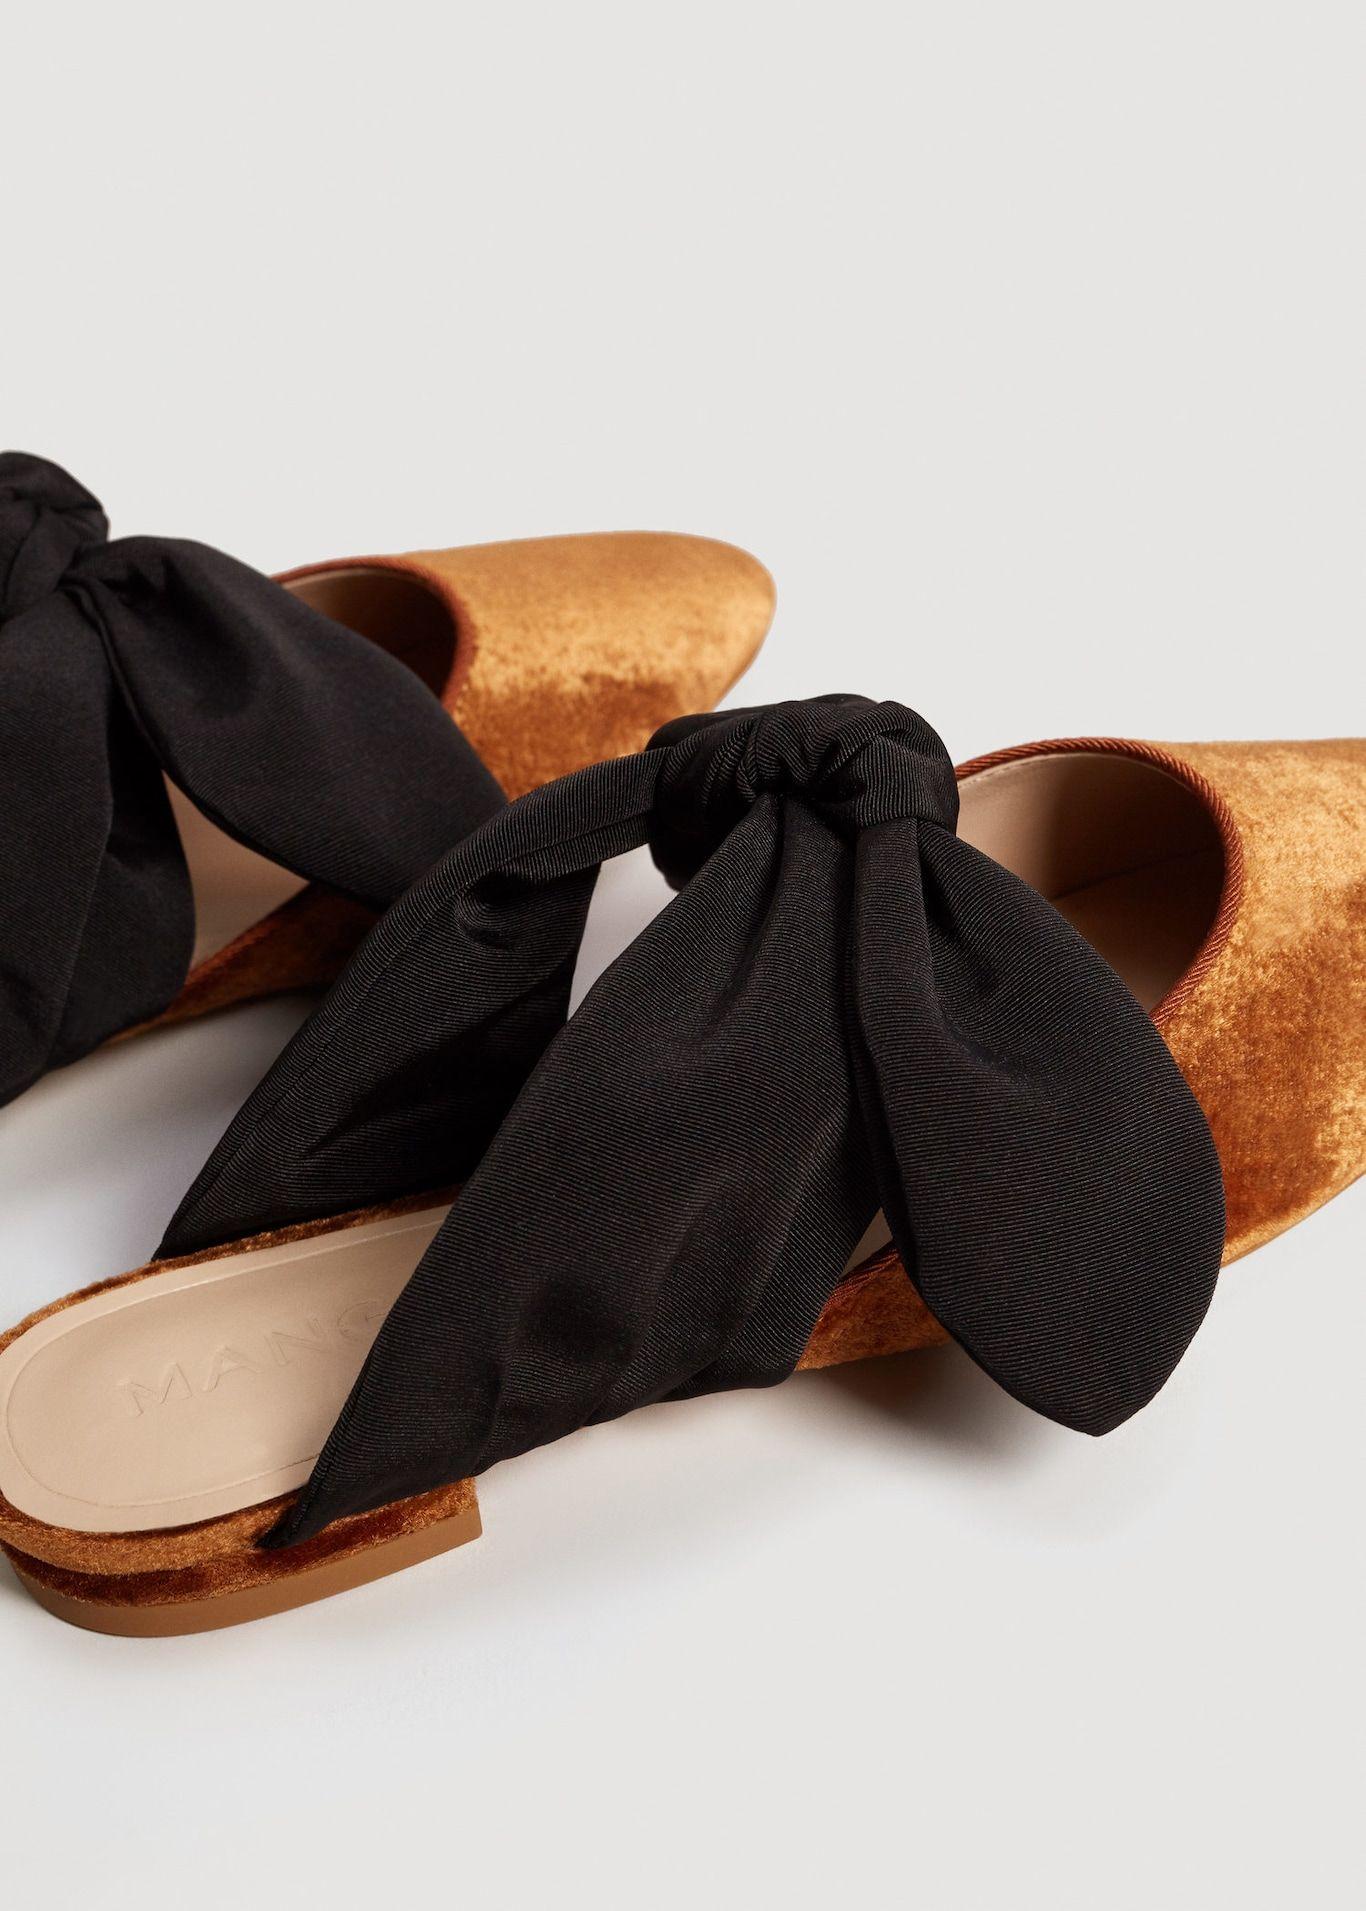 6636187c307 Knot velvet shoes